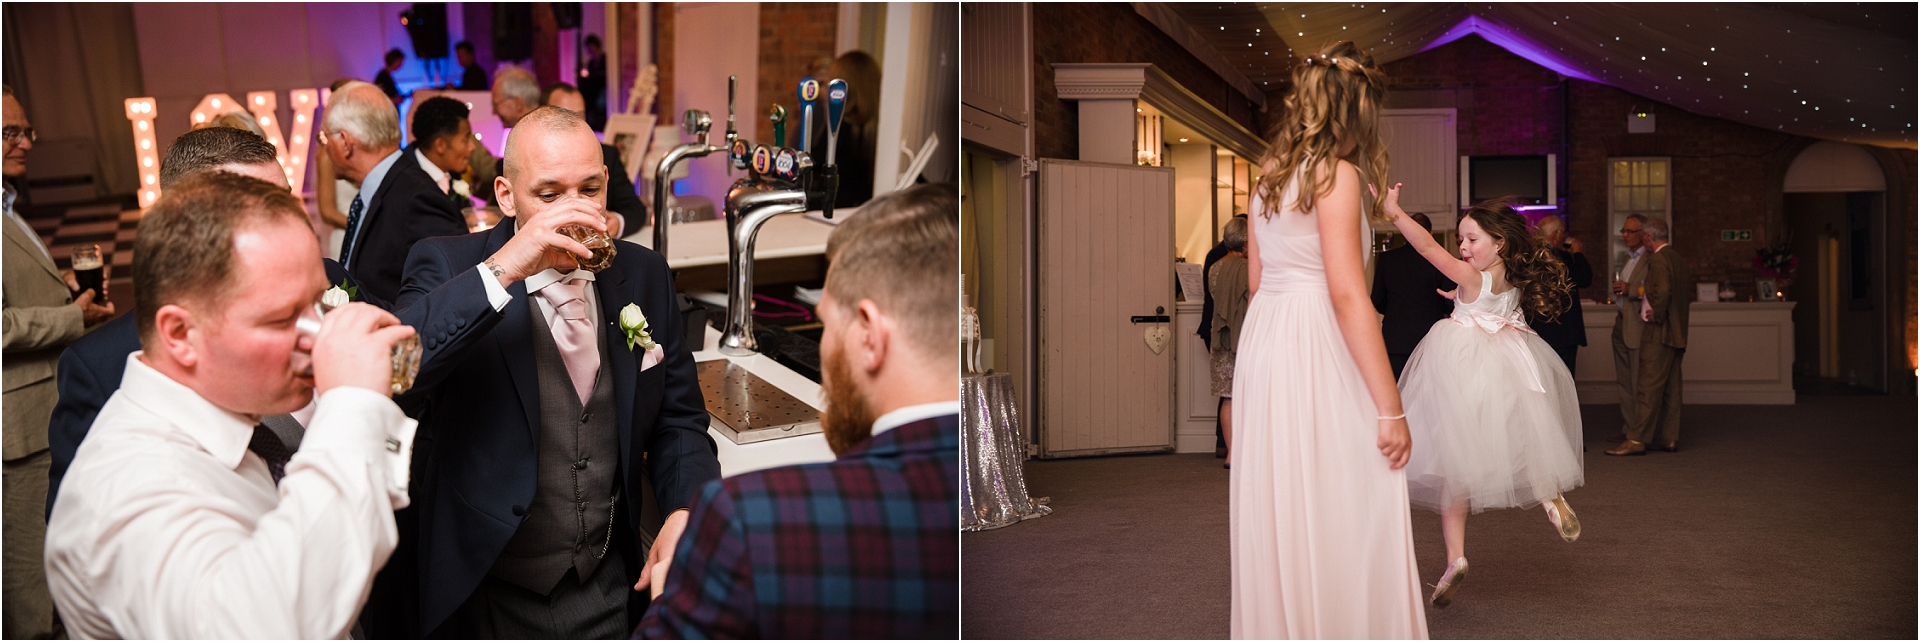 wedding-photography-norwood-park_0083